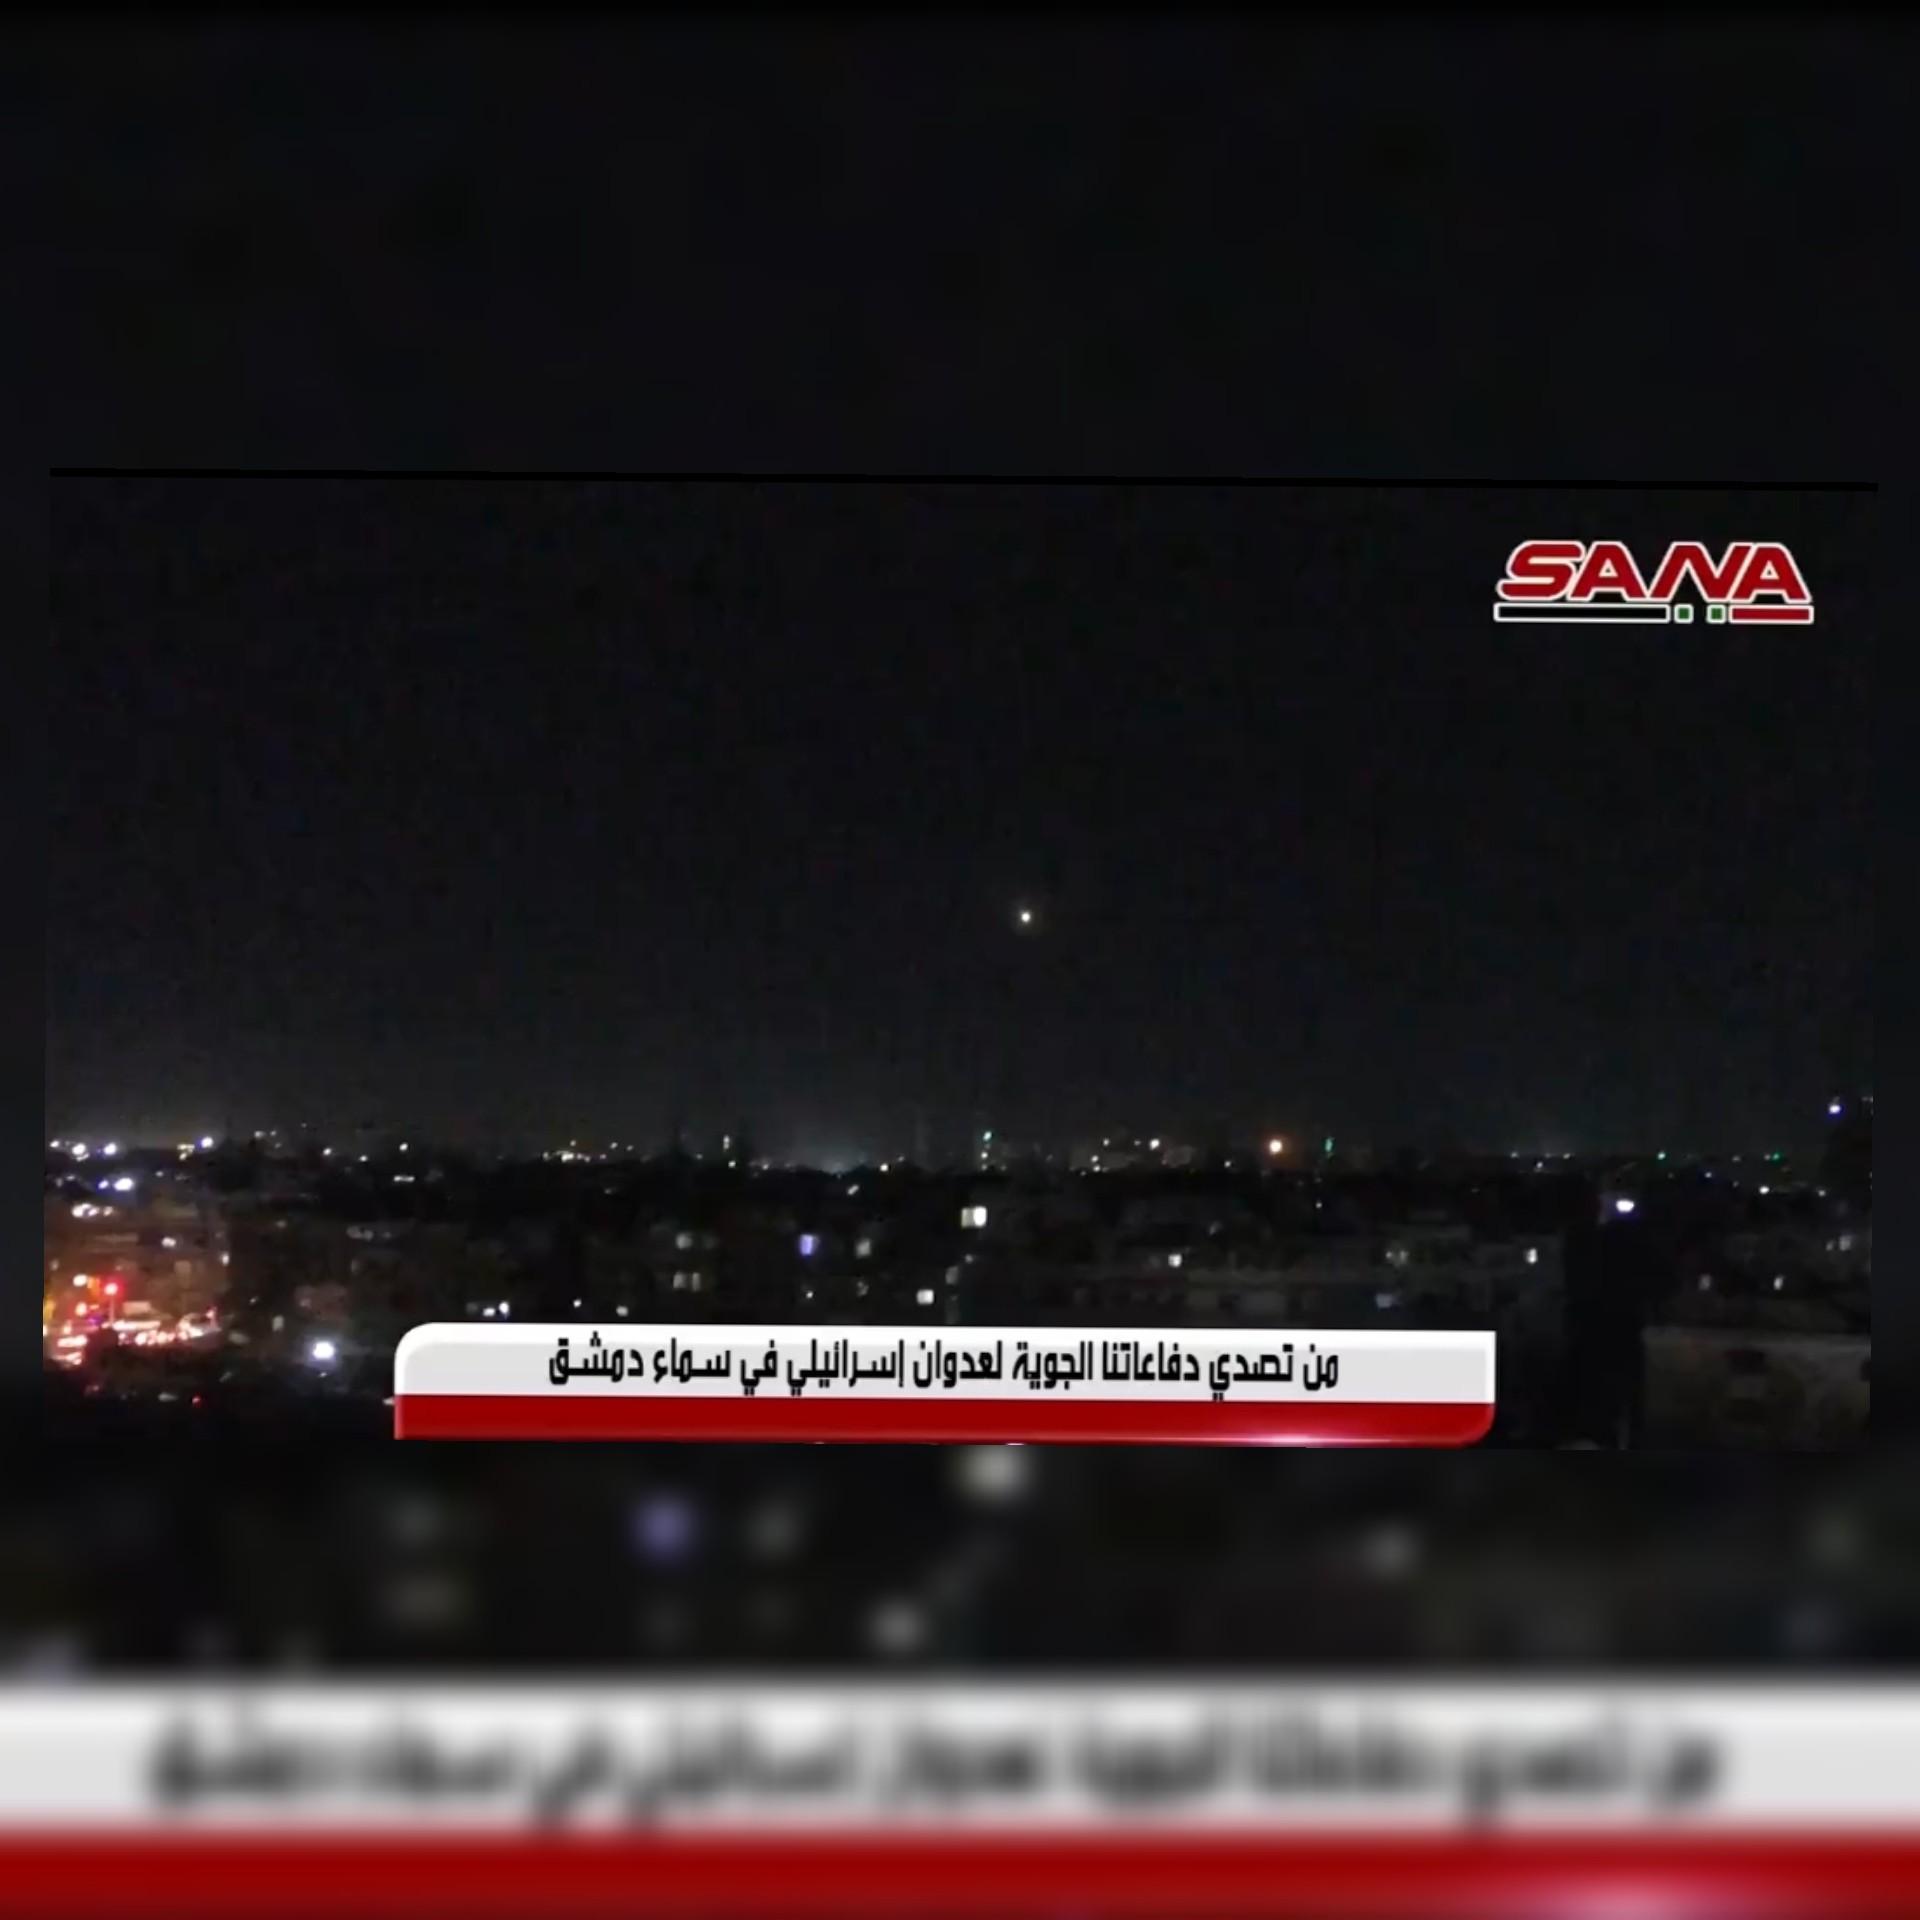 وزارة الدفاع السورية تصدر بيانا حول العدوان الصهيوني ...